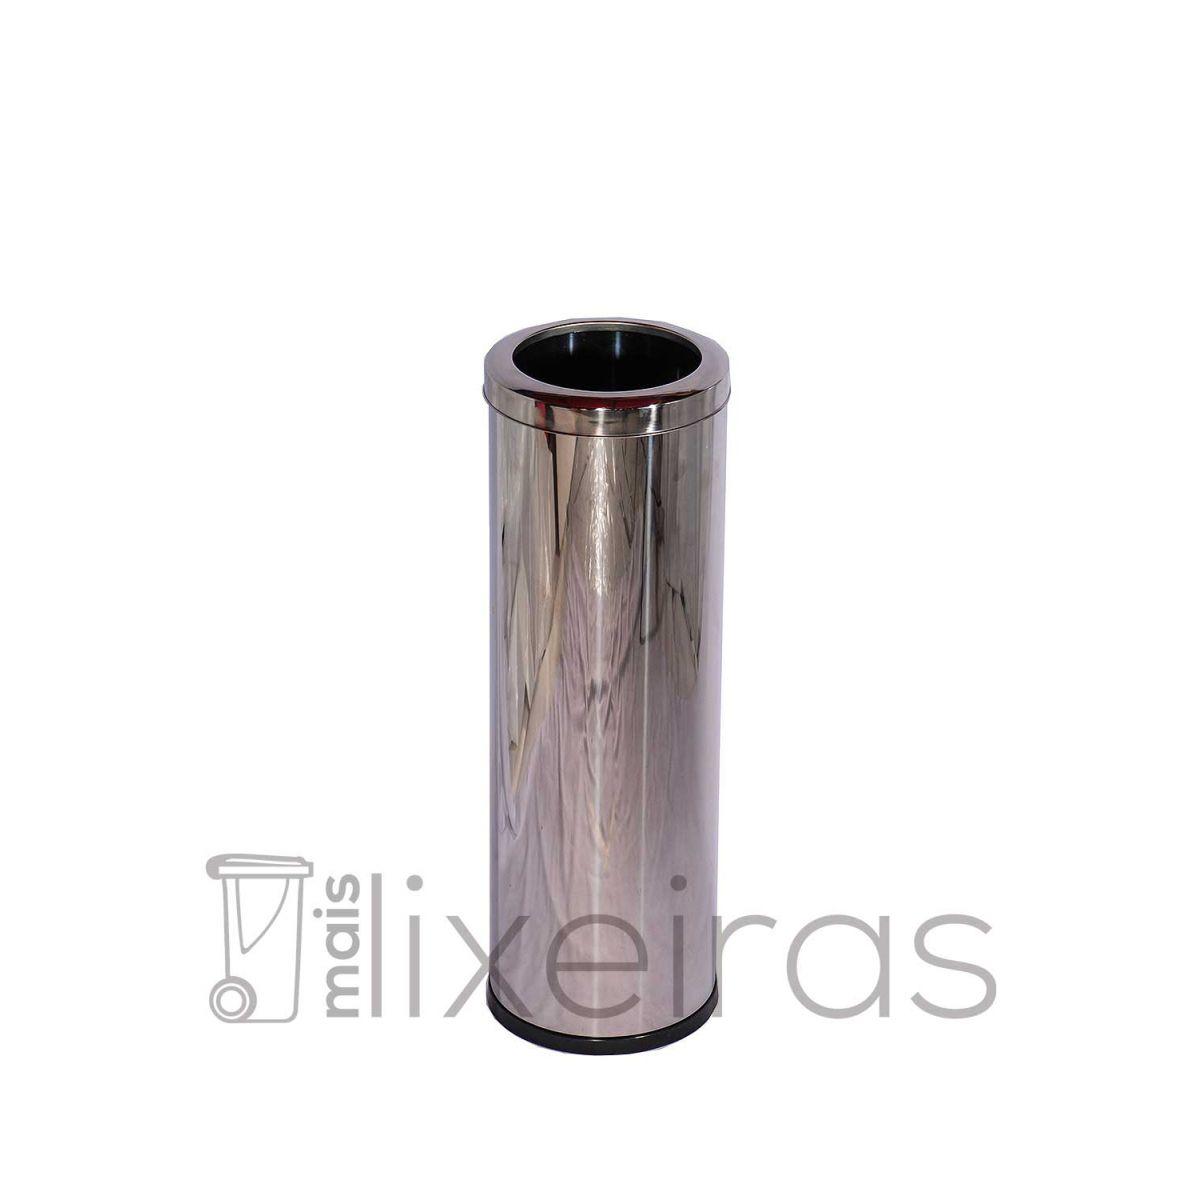 Lixeira Inox 40 litros com aro superior em aço Inox